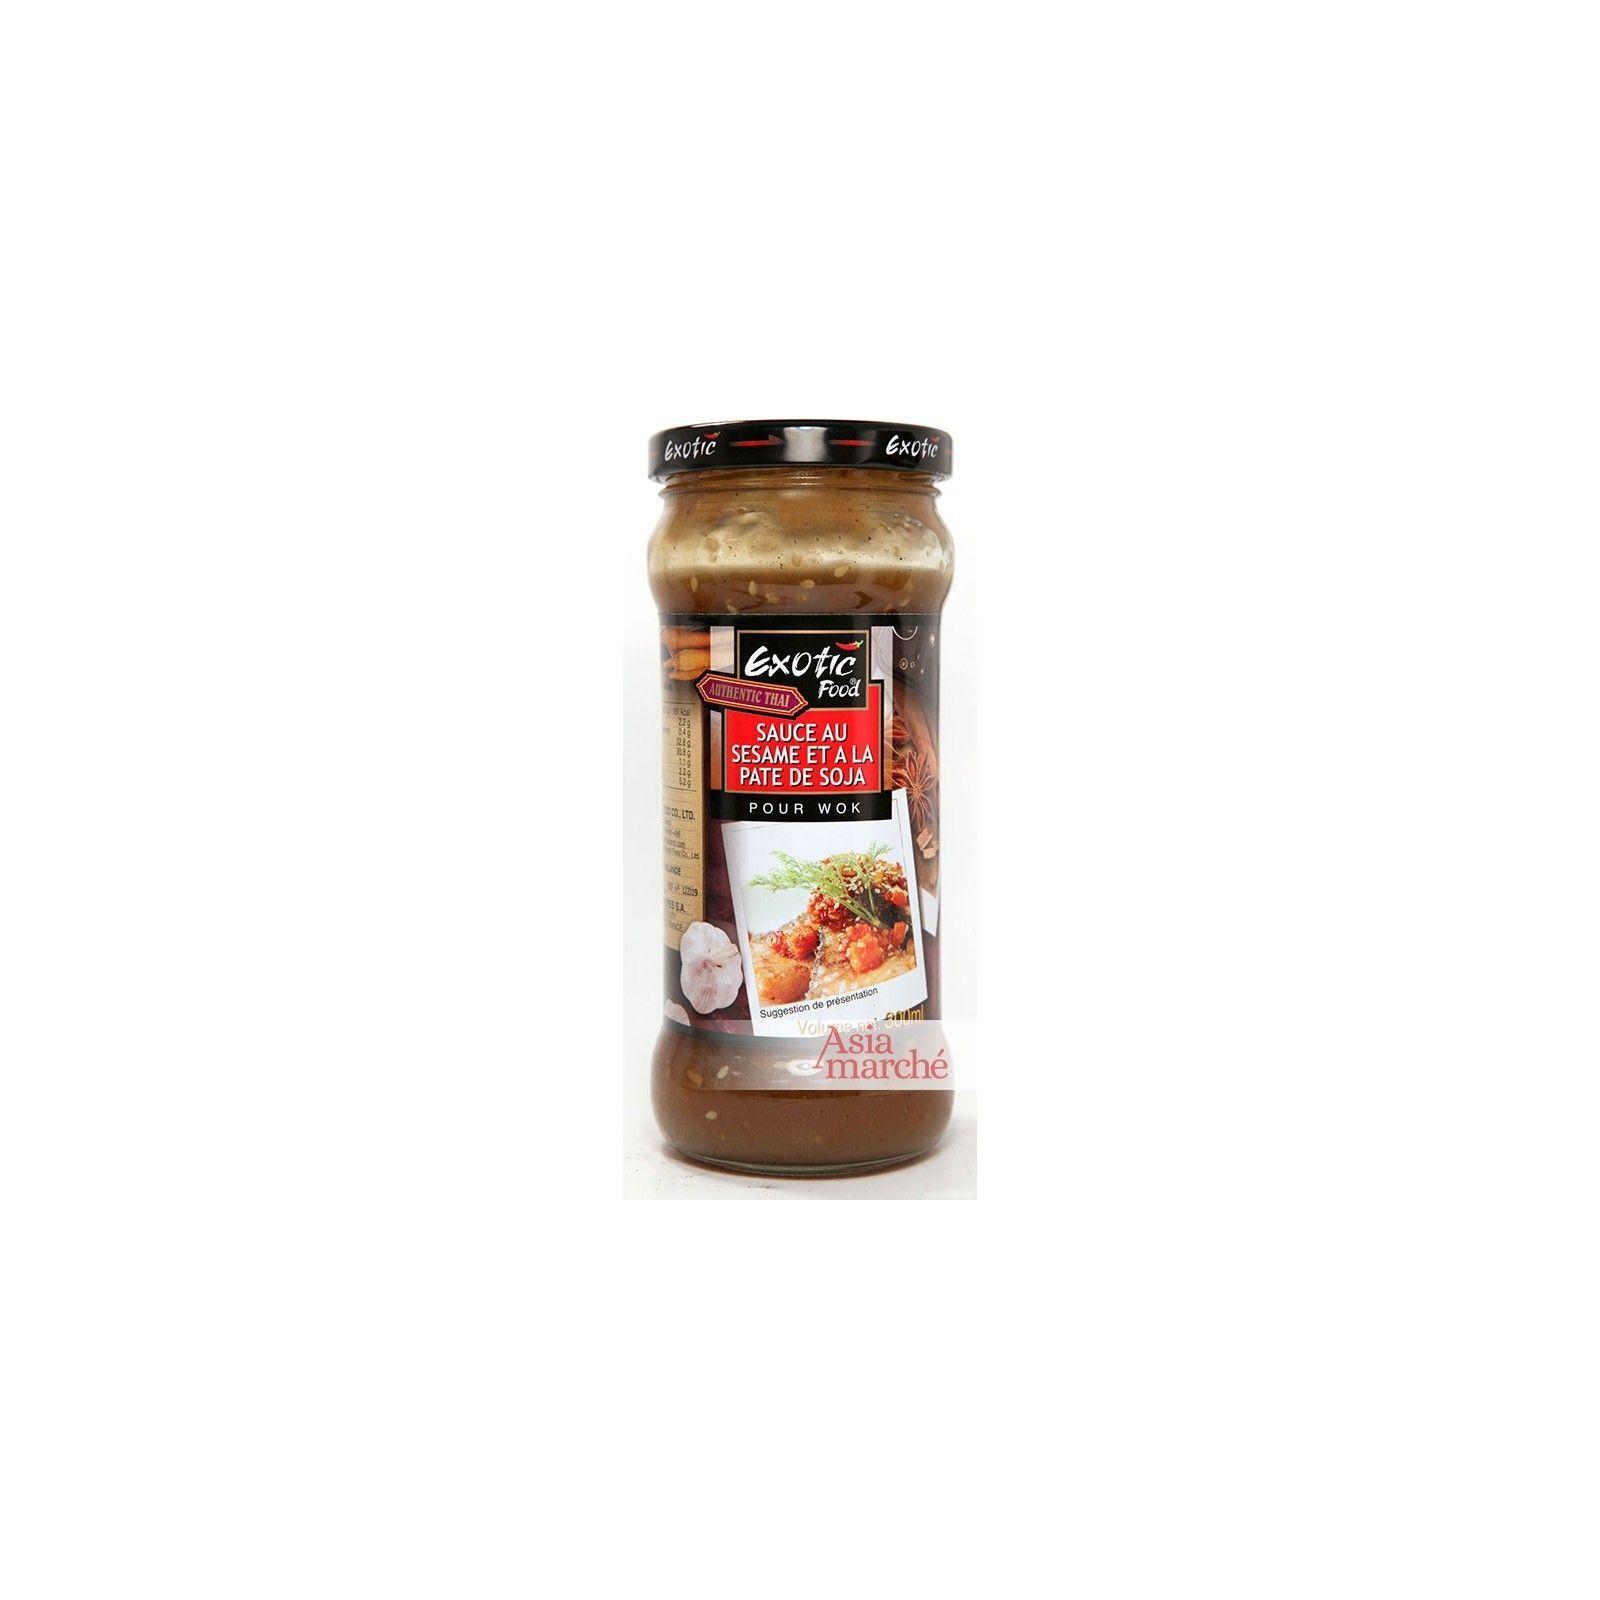 Asia Marché Sauce pour wok au sésame et à la pâte de soja 300ml Exotic Food